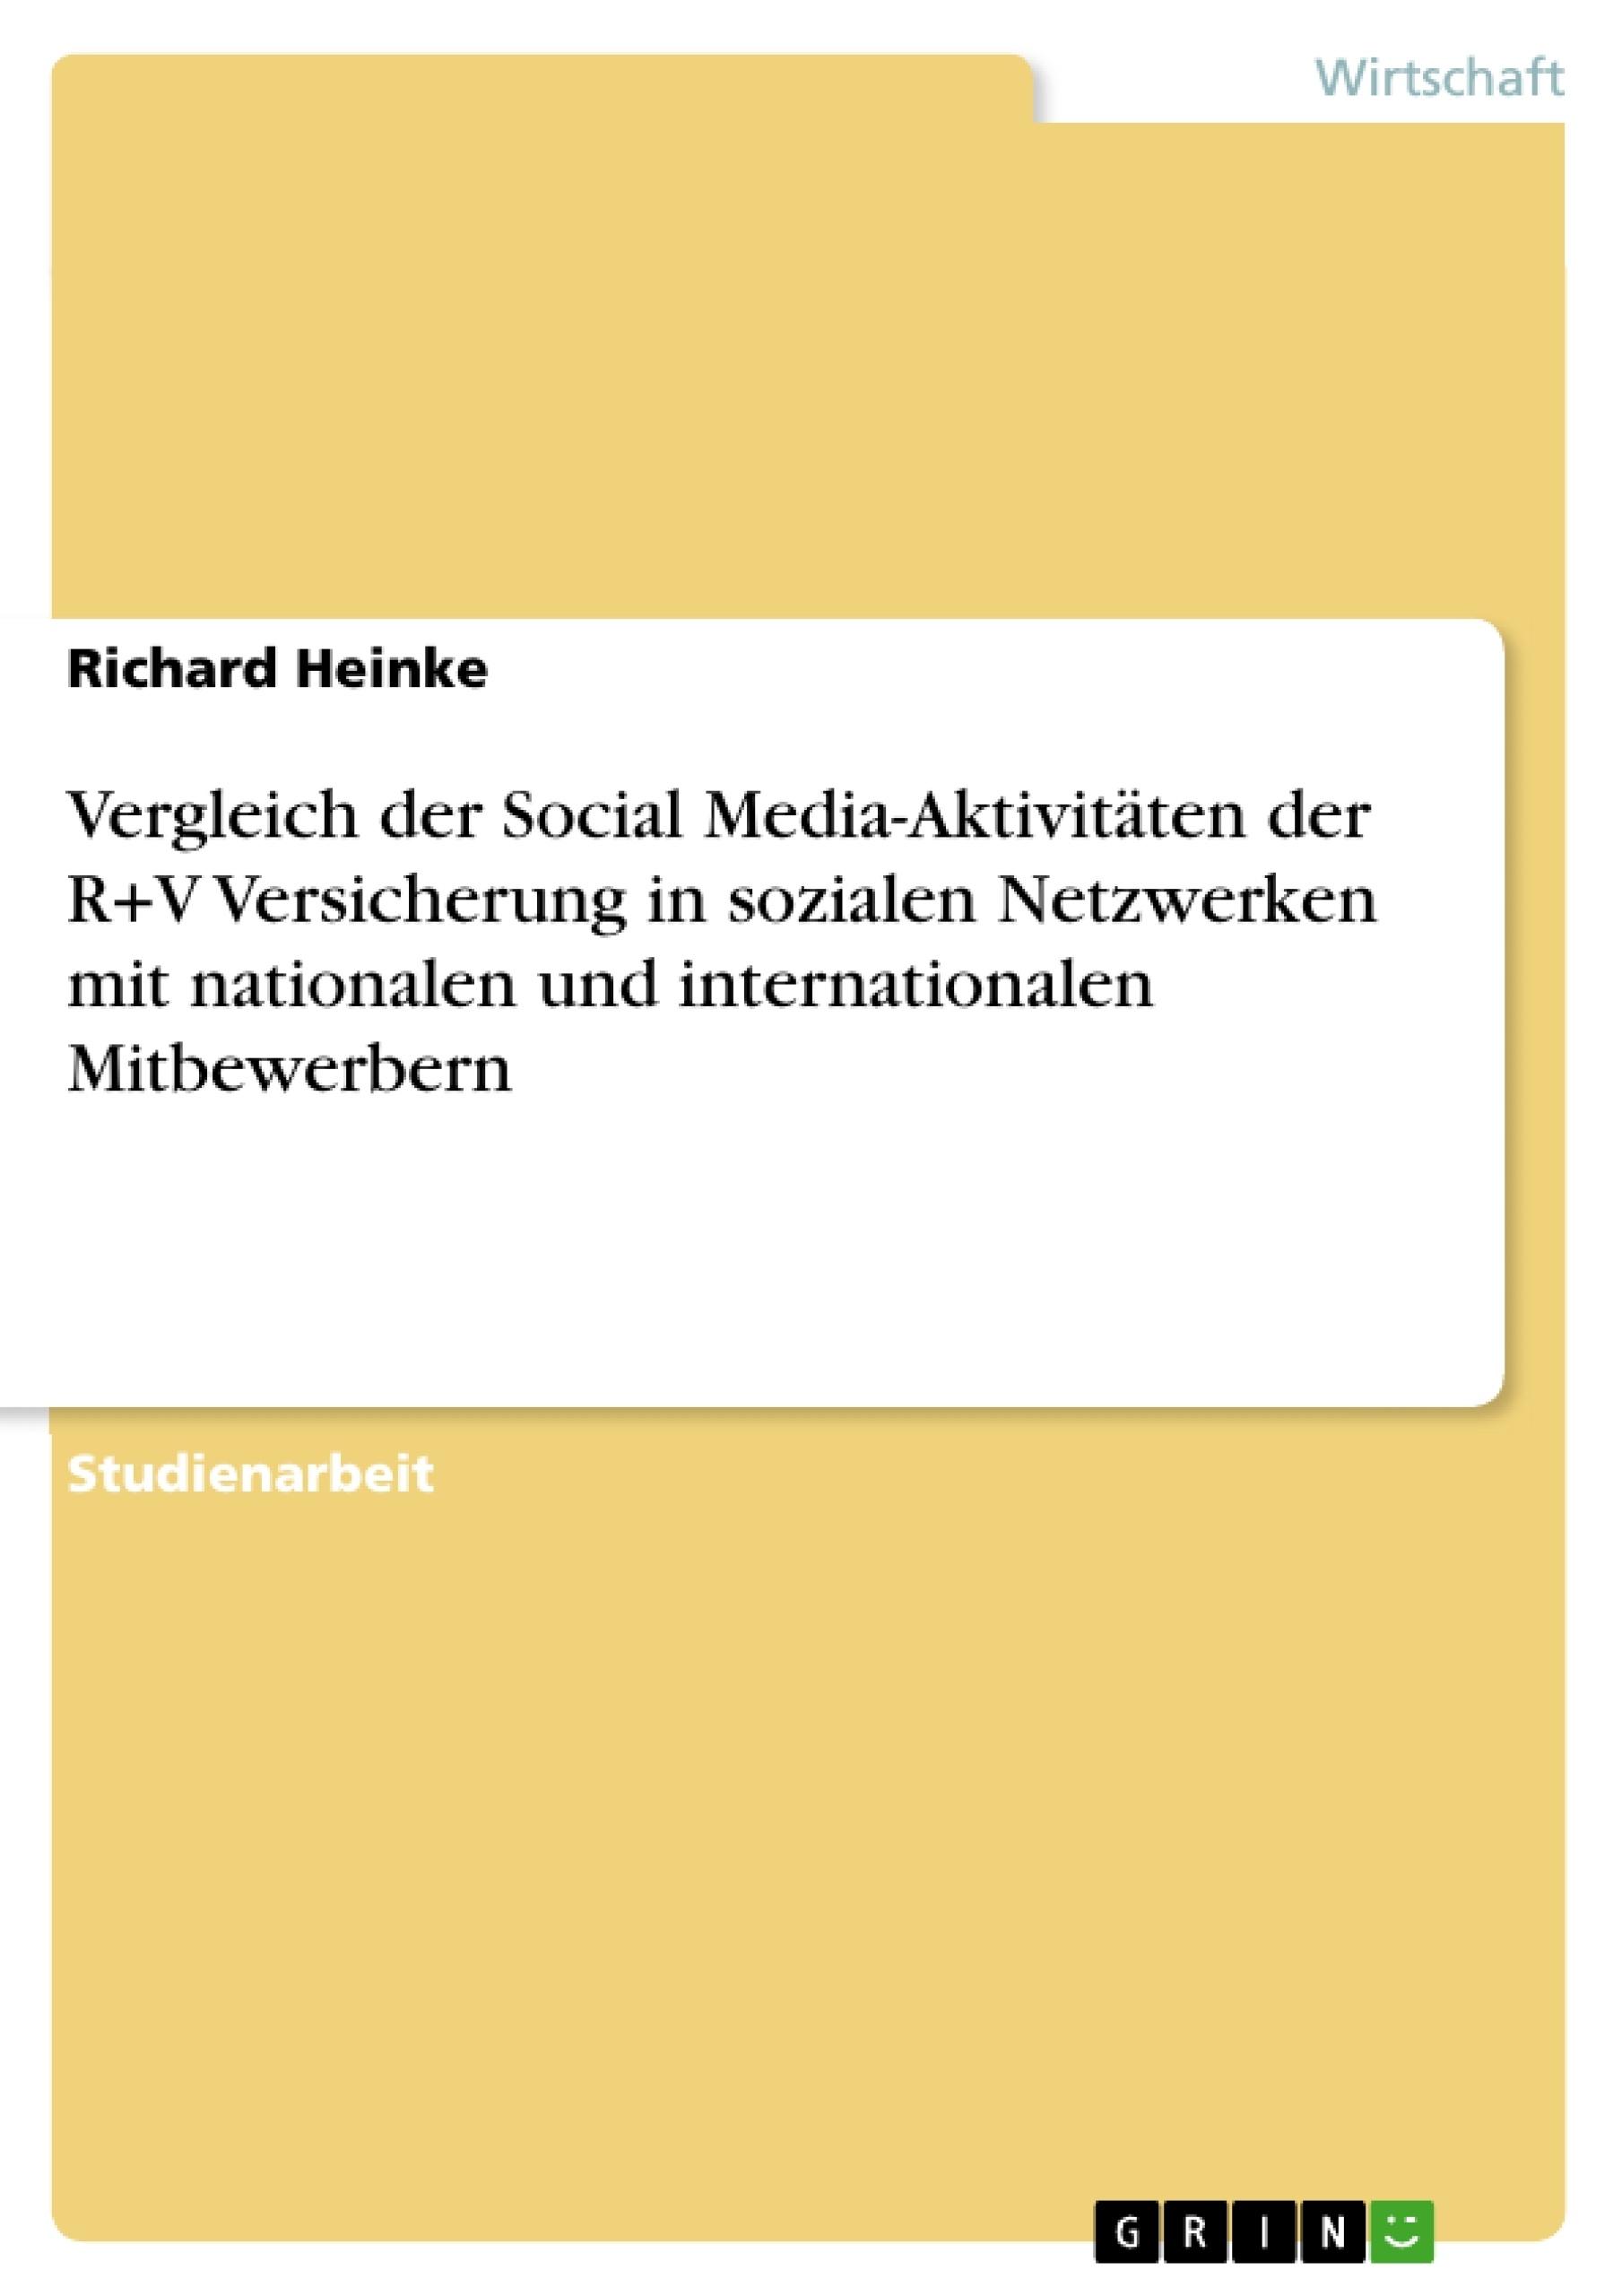 Titel: Vergleich der Social Media-Aktivitäten der R+V Versicherung in sozialen Netzwerken mit nationalen und internationalen Mitbewerbern